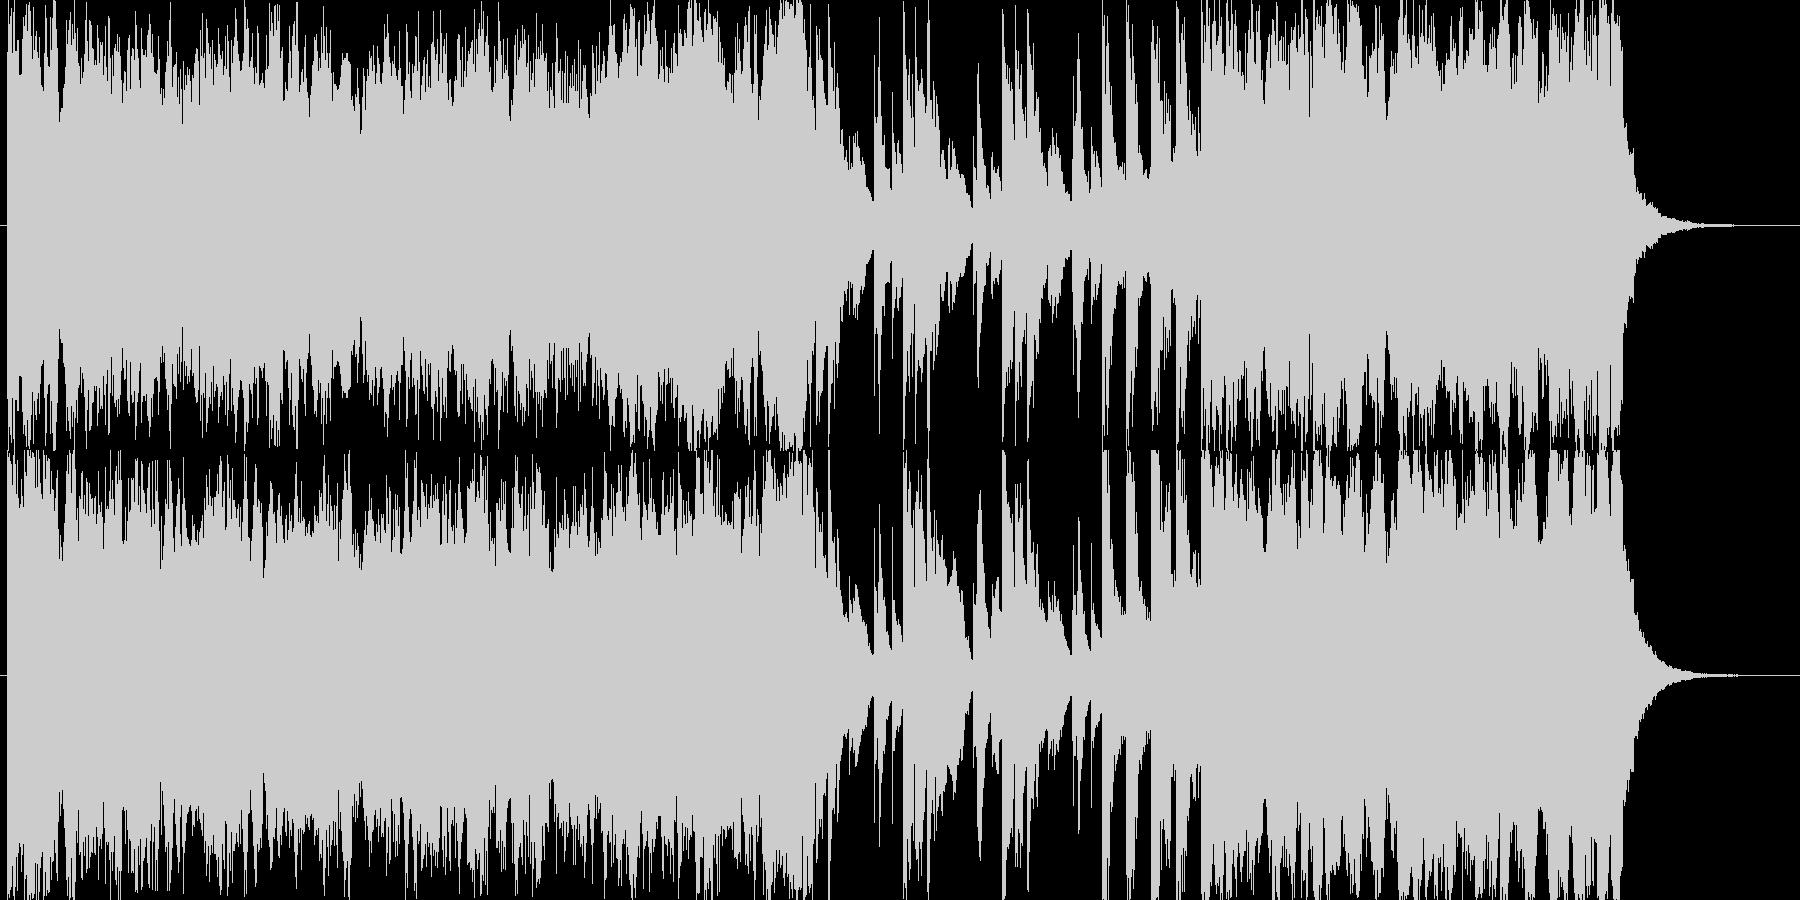 オープニングSEをイメージした明るい楽曲の未再生の波形